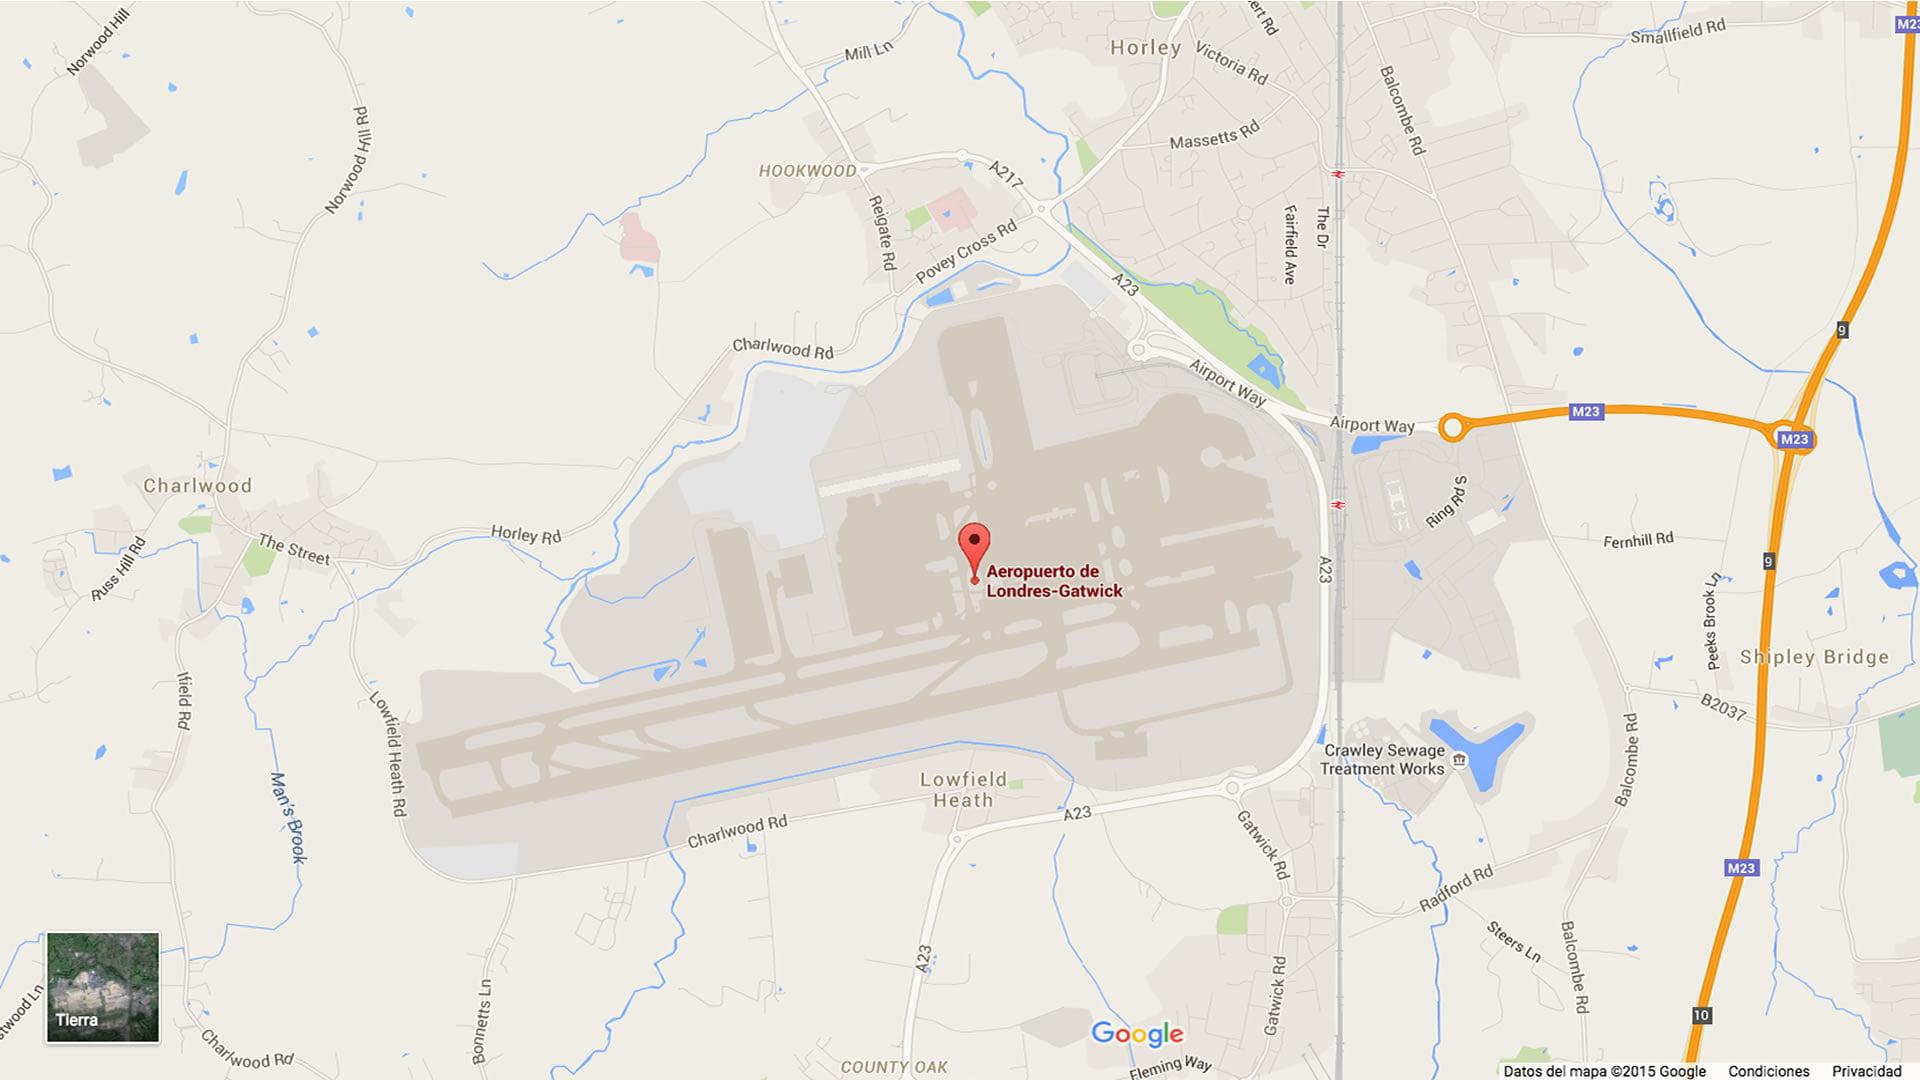 Mapa del Aeropuerto de Londres-Gatwick